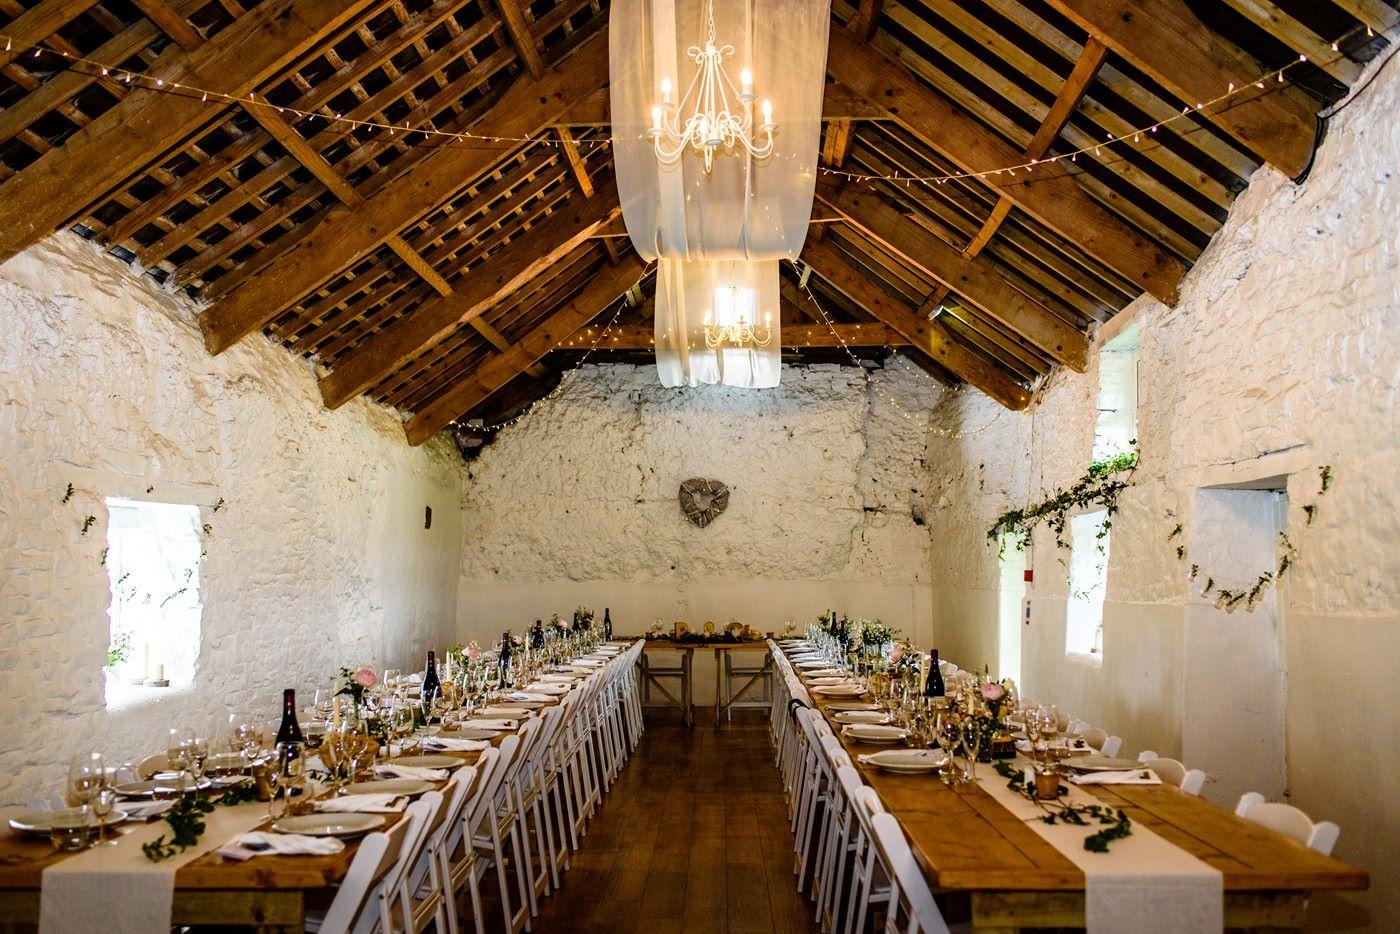 Fun Wedding Venue The Old Barn North Devon Rustic Diy